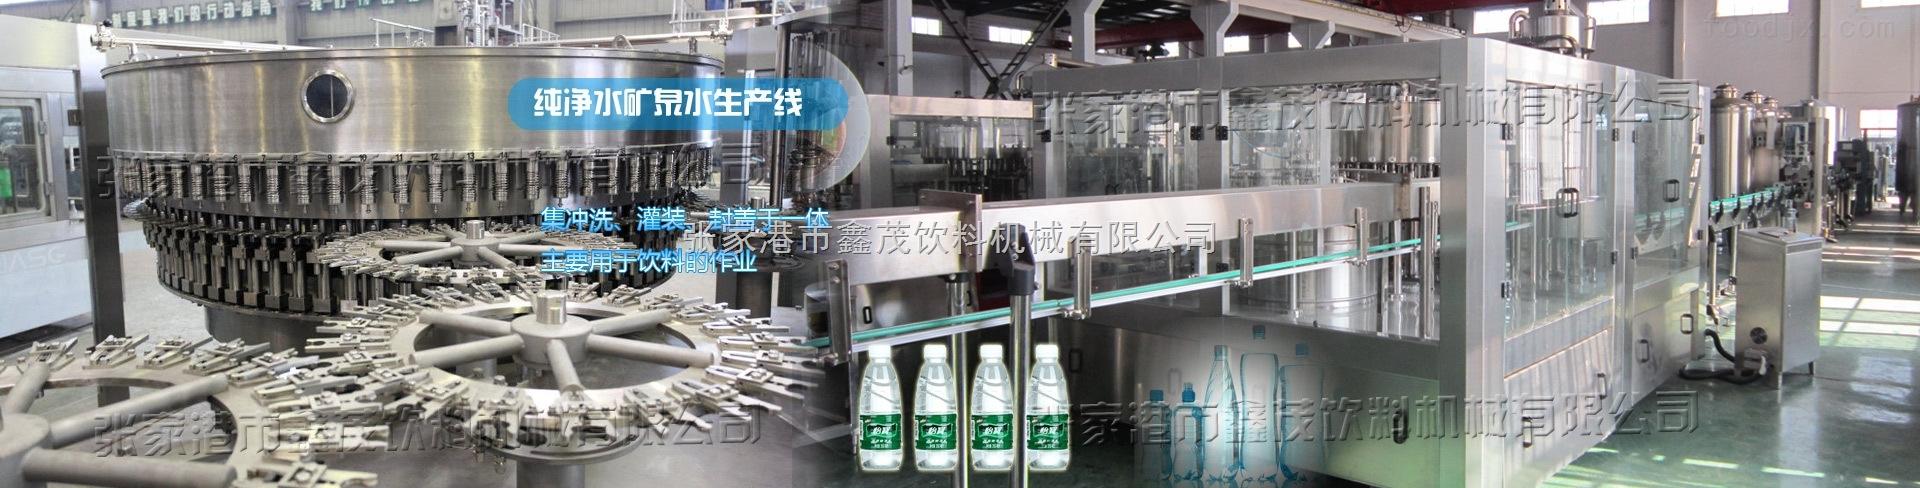 灌装纯净水灌装饮用水灌装矿泉水设备